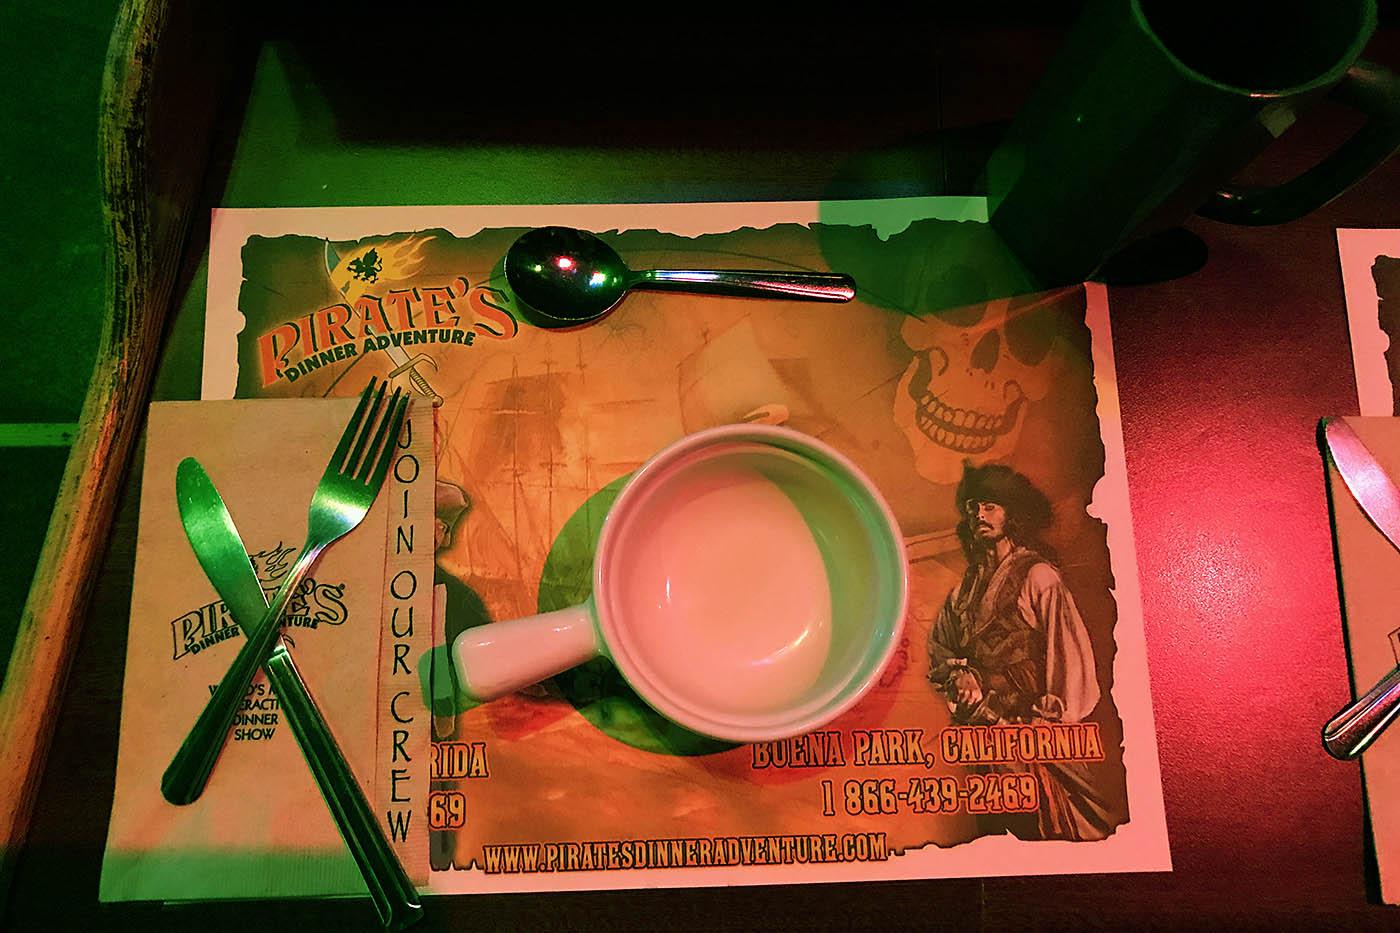 Pirates Dinner Adventure in Buena Park, CA